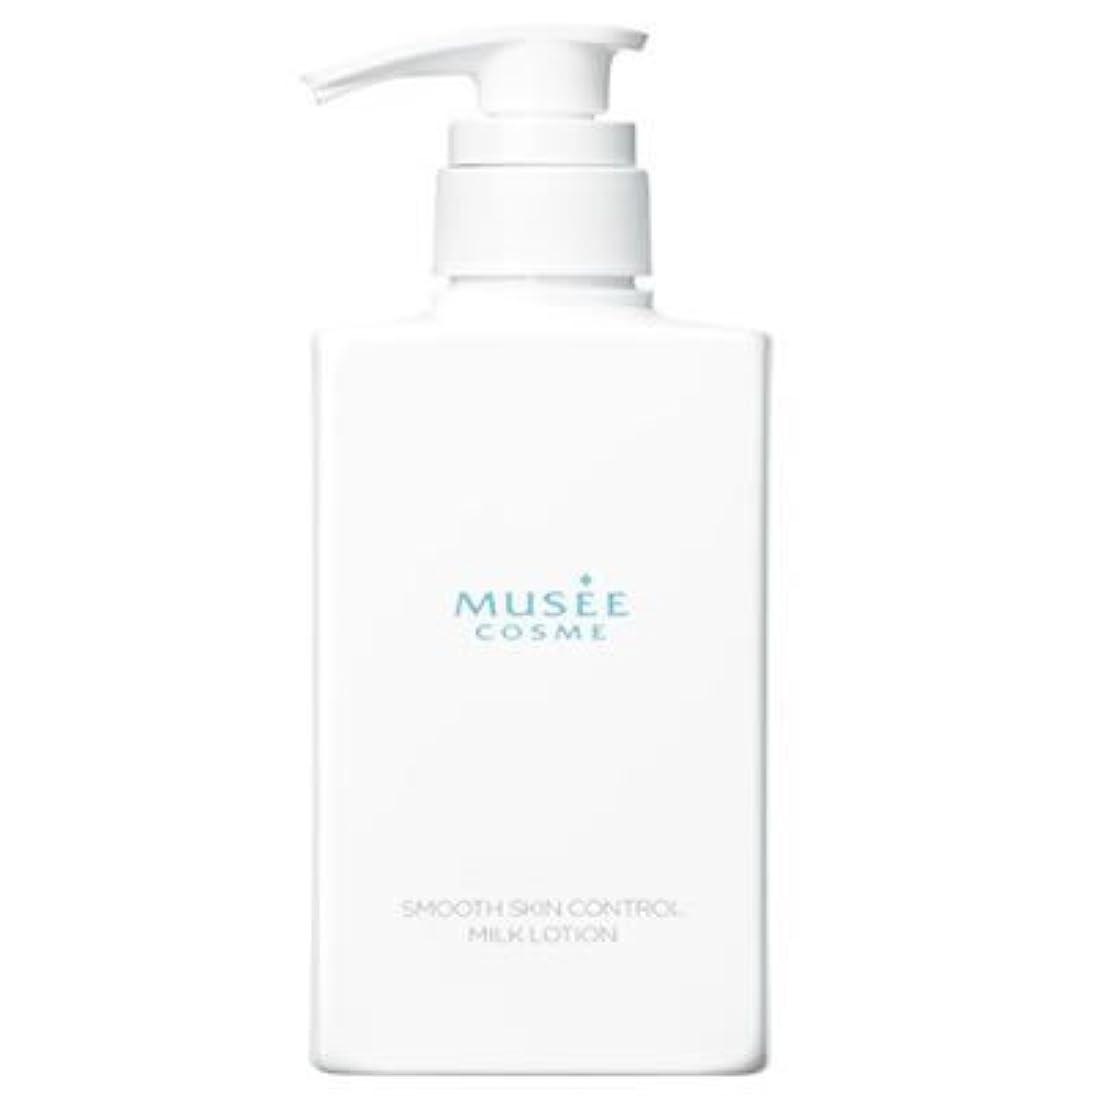 多用途過半数不格好ミュゼ 薬用スムーススキンコントロールミルクローション 300ml ホワイトジャスミンの香り [並行輸入品]